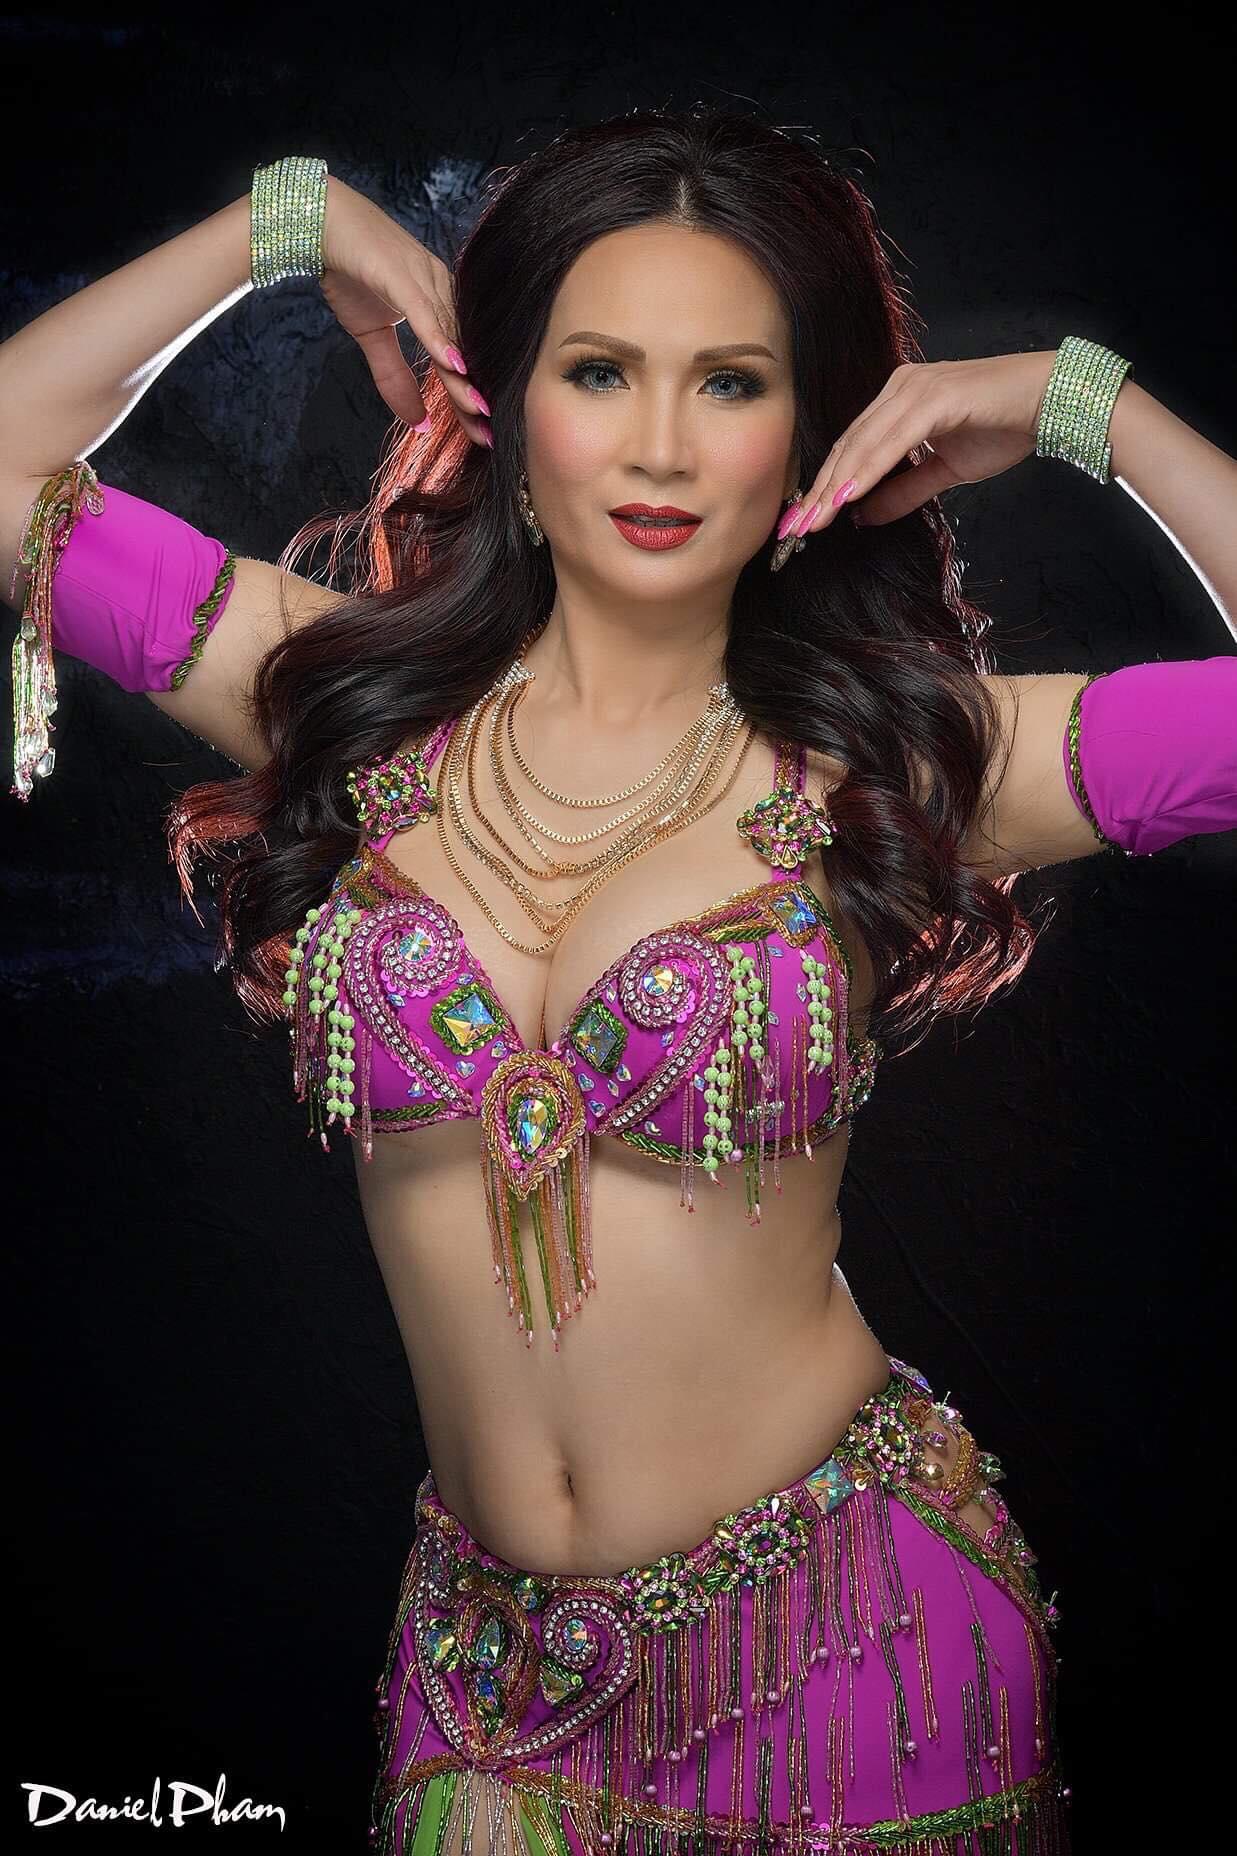 Hoa hậu VickyLin Đinh háo hức tổ chức cuộc thi nhan sắc tại Mỹ 2